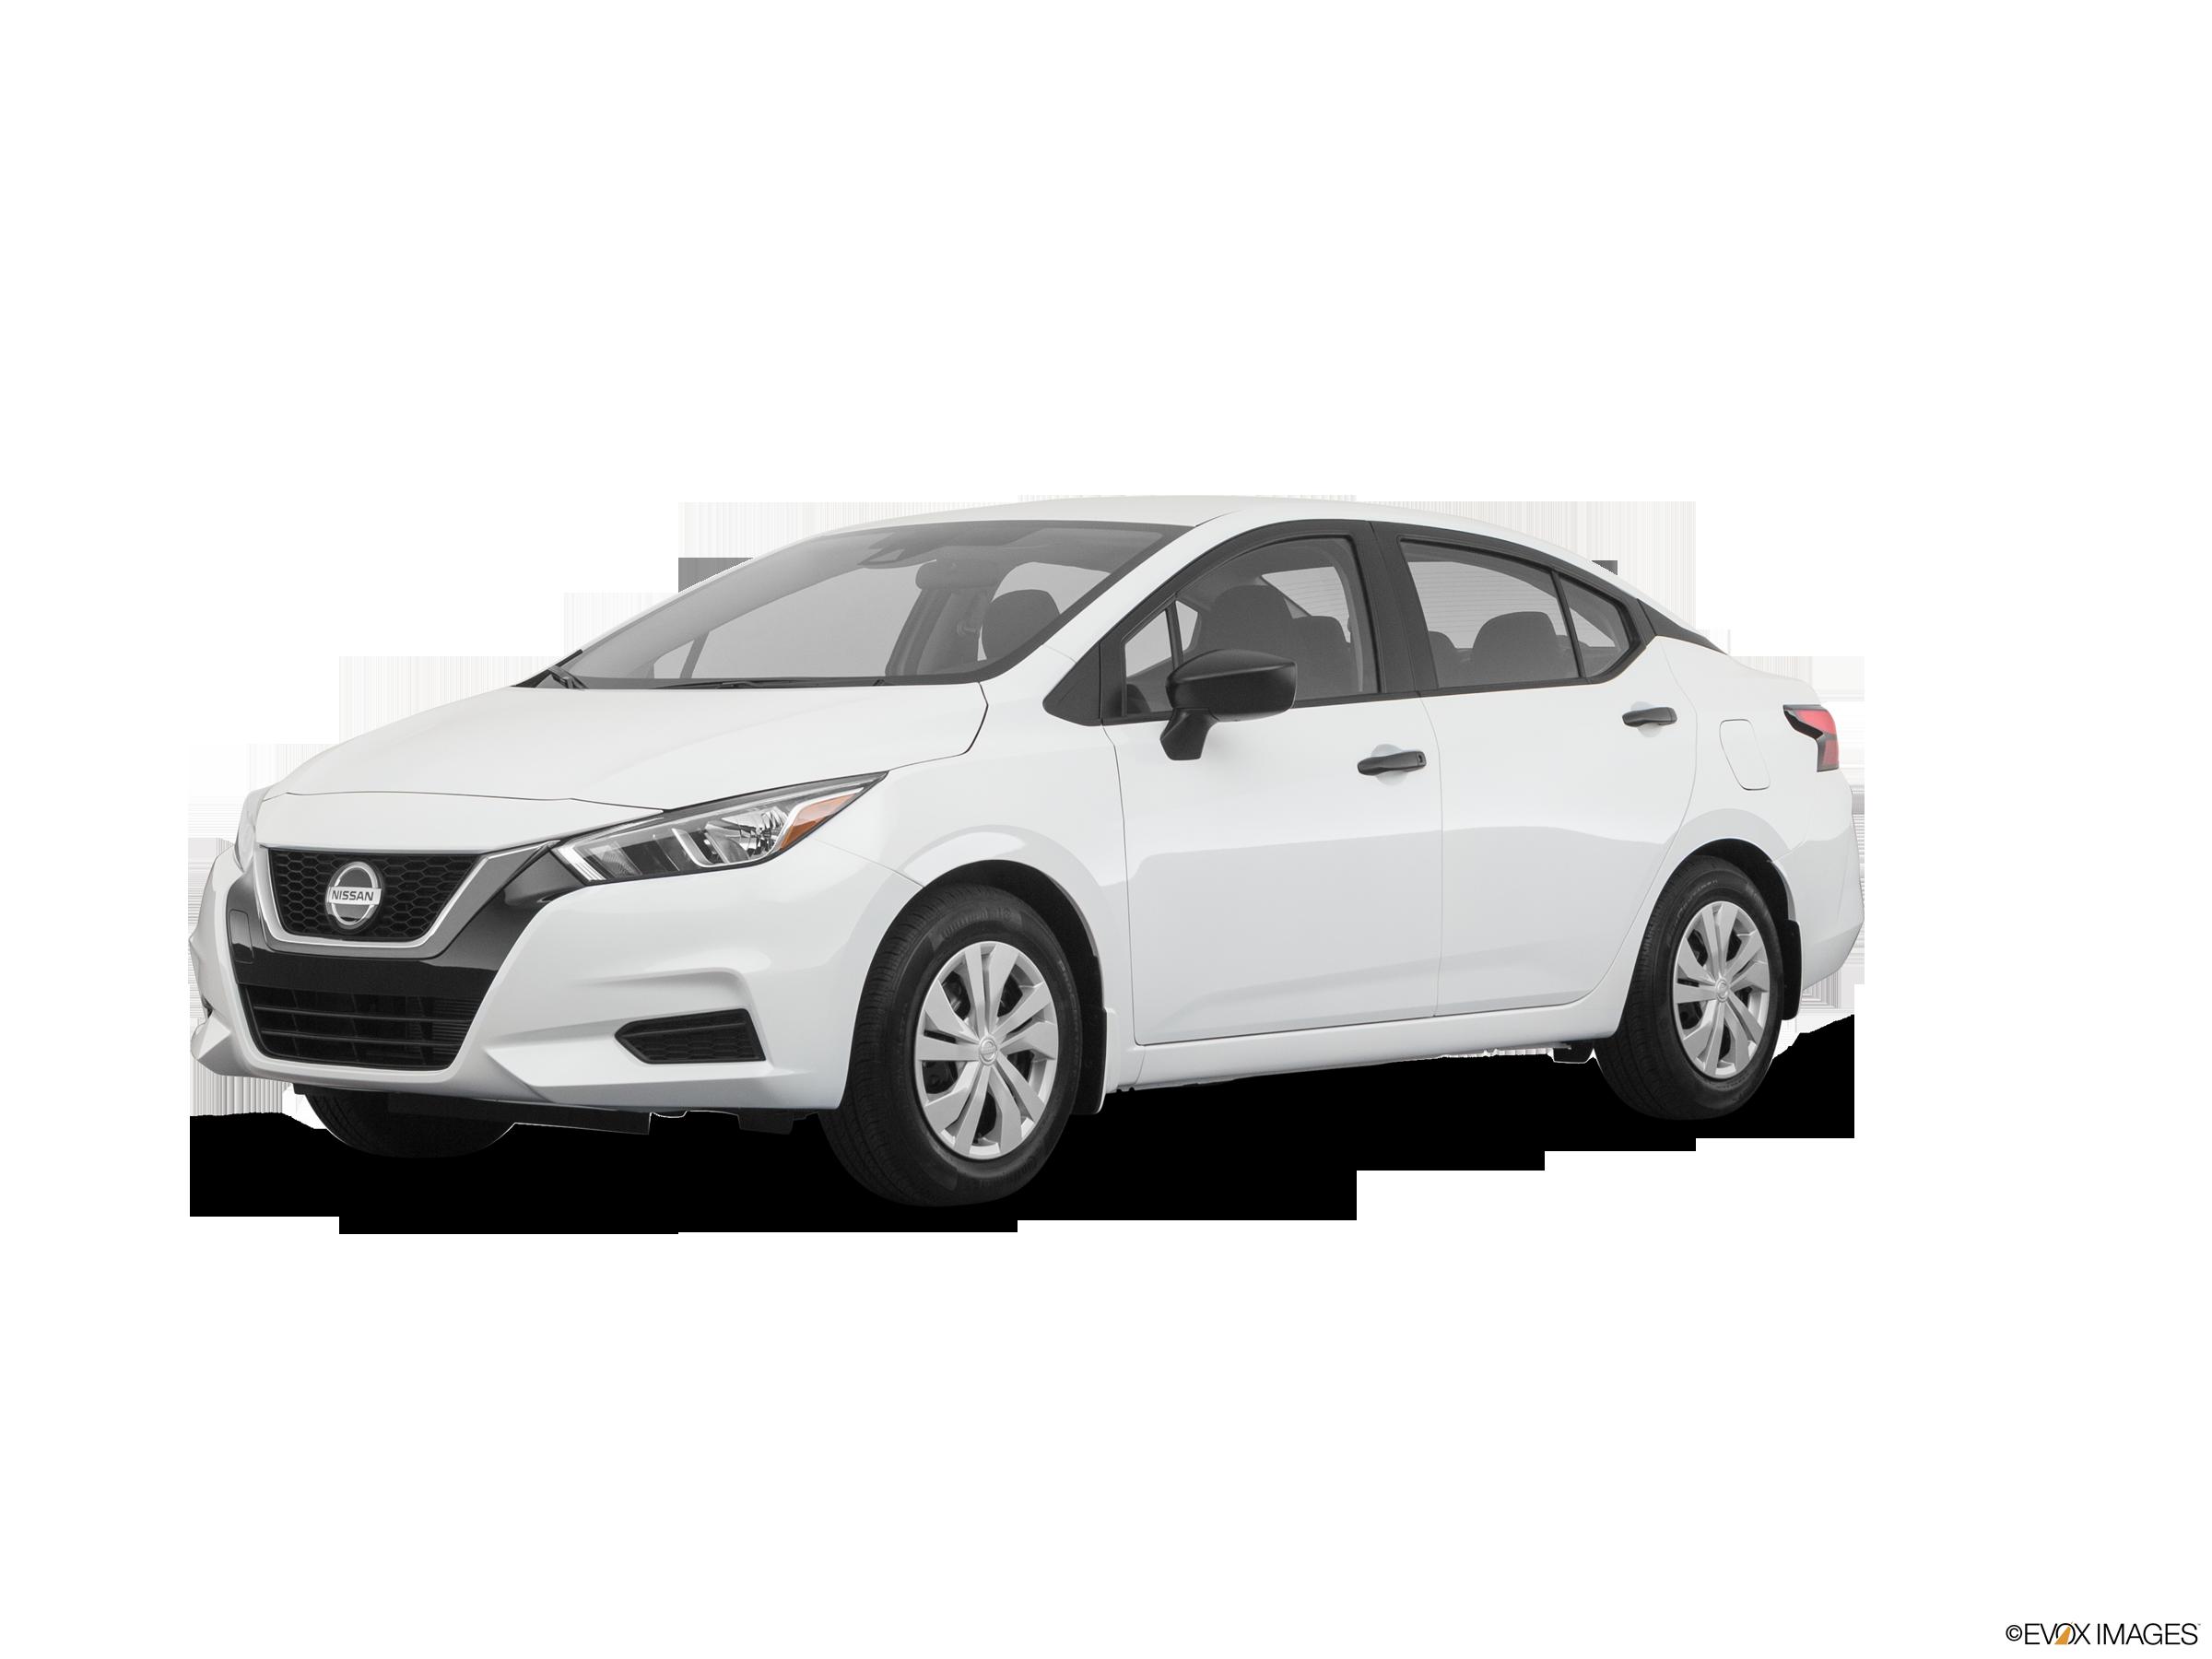 Kelebihan Kekurangan Honda Versa Perbandingan Harga